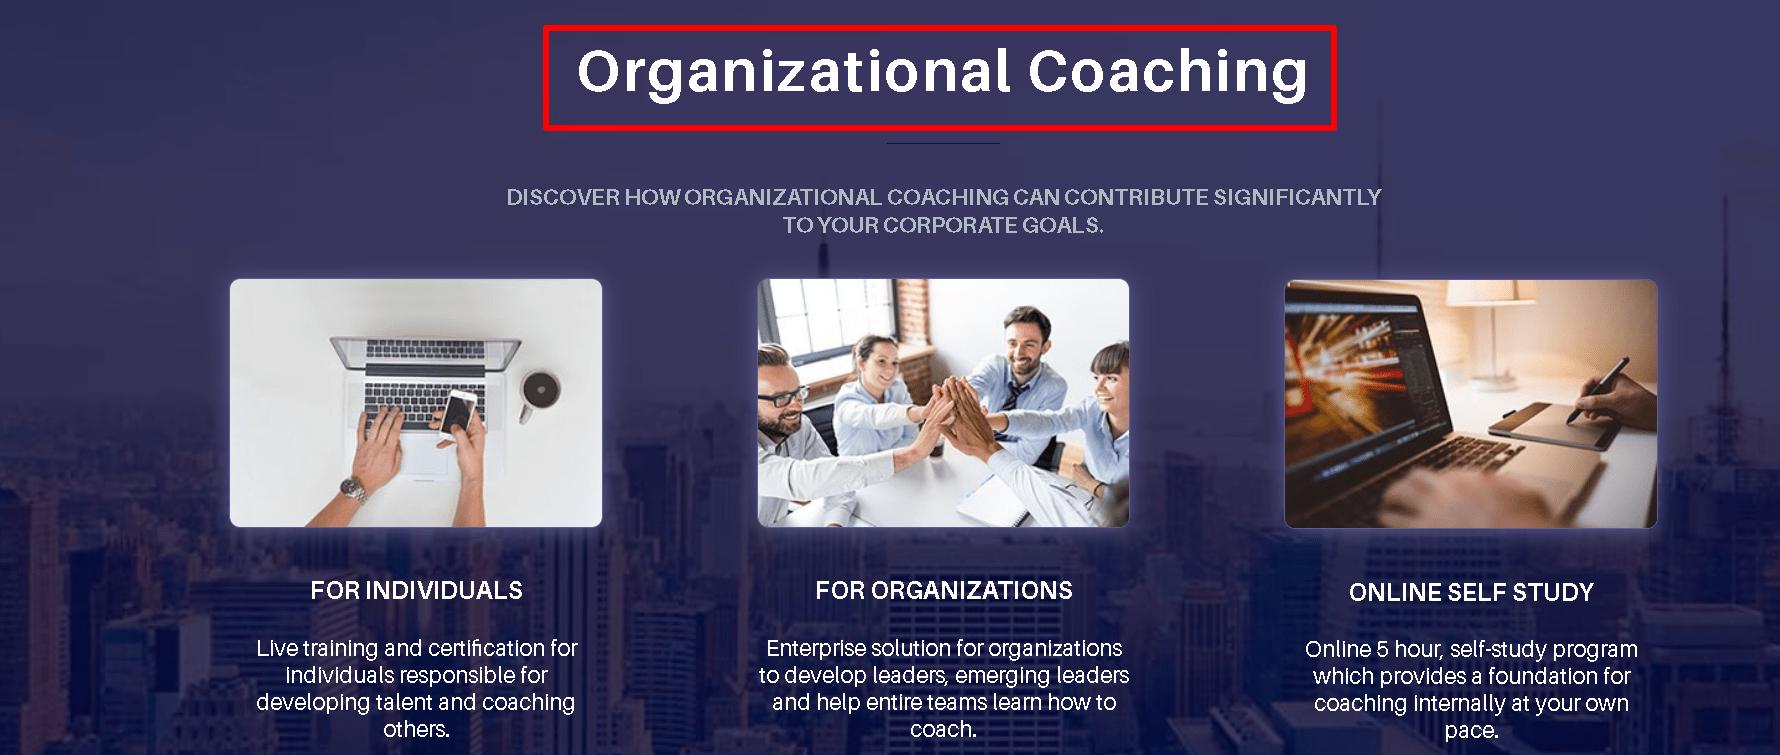 Good coaching reviews - Life - Coach - Training - Certification